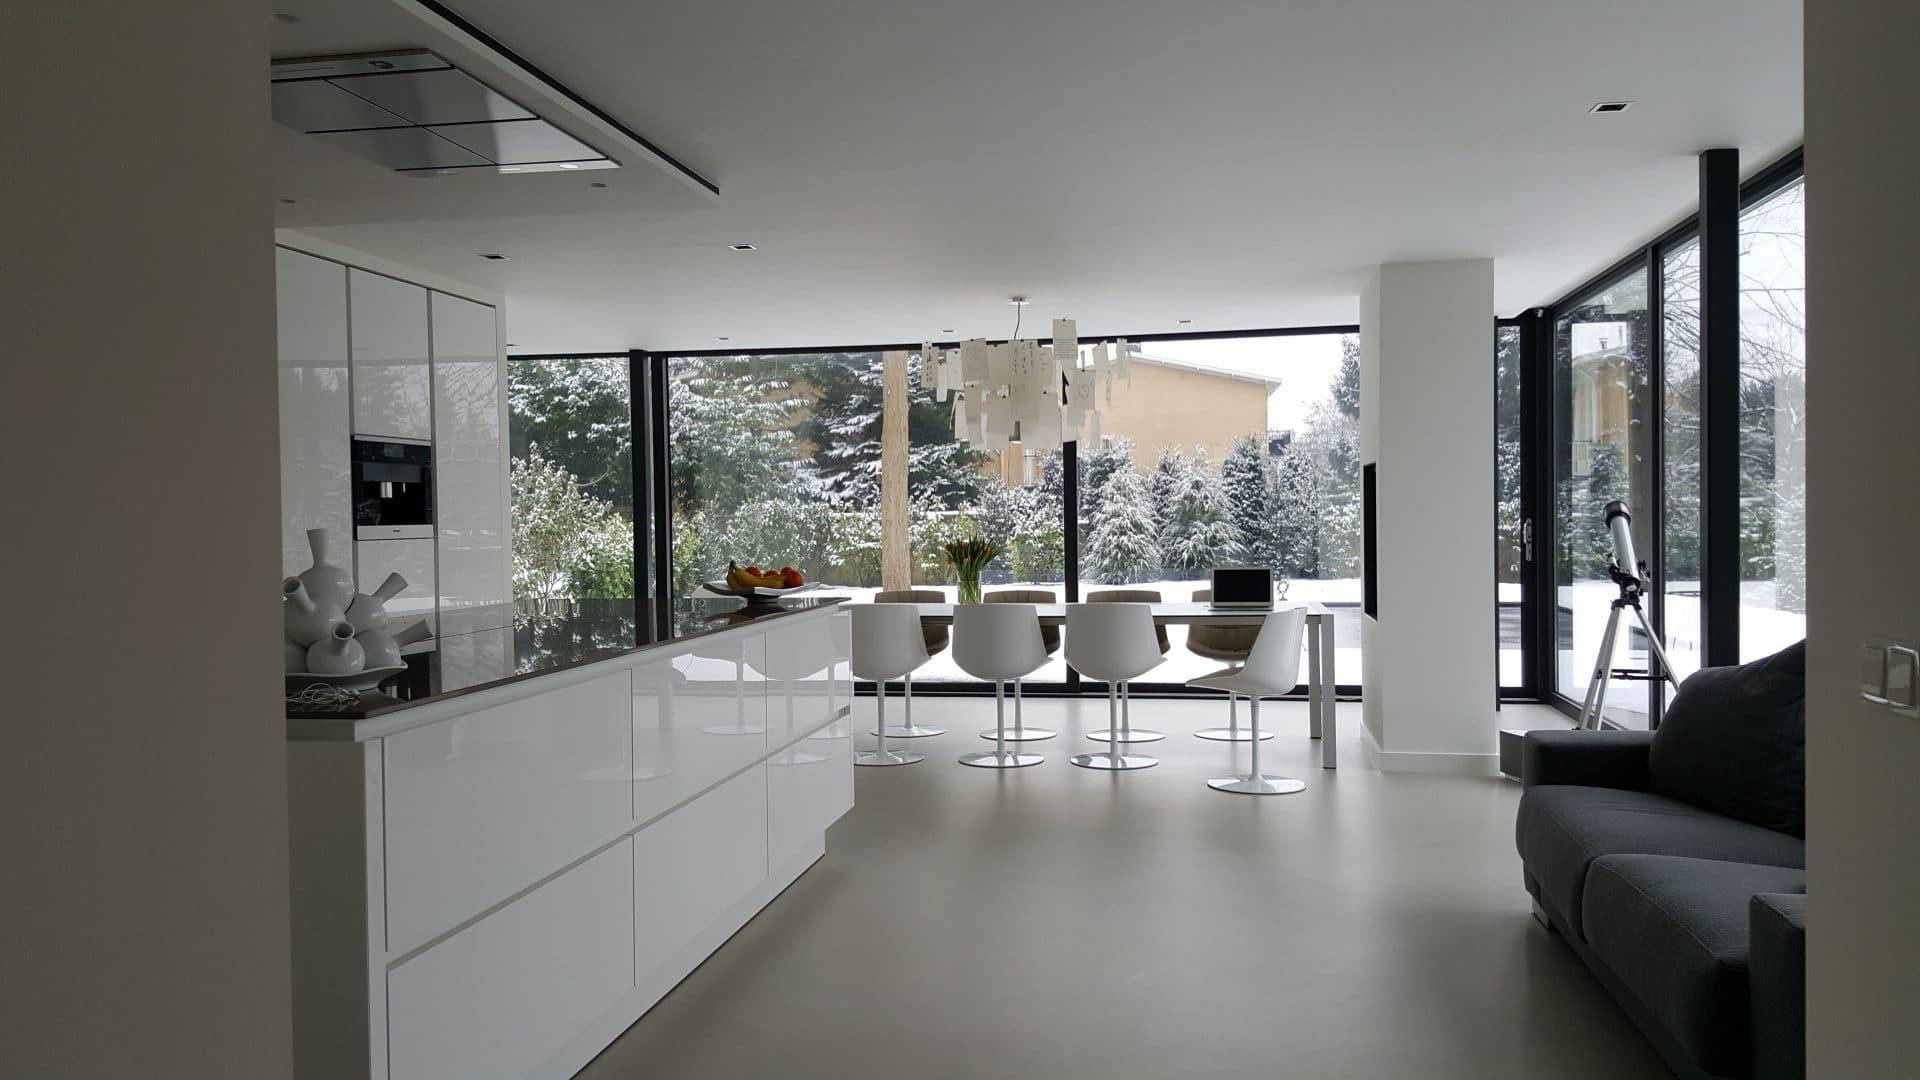 moderne aanbouw voor woonkeuken in glas